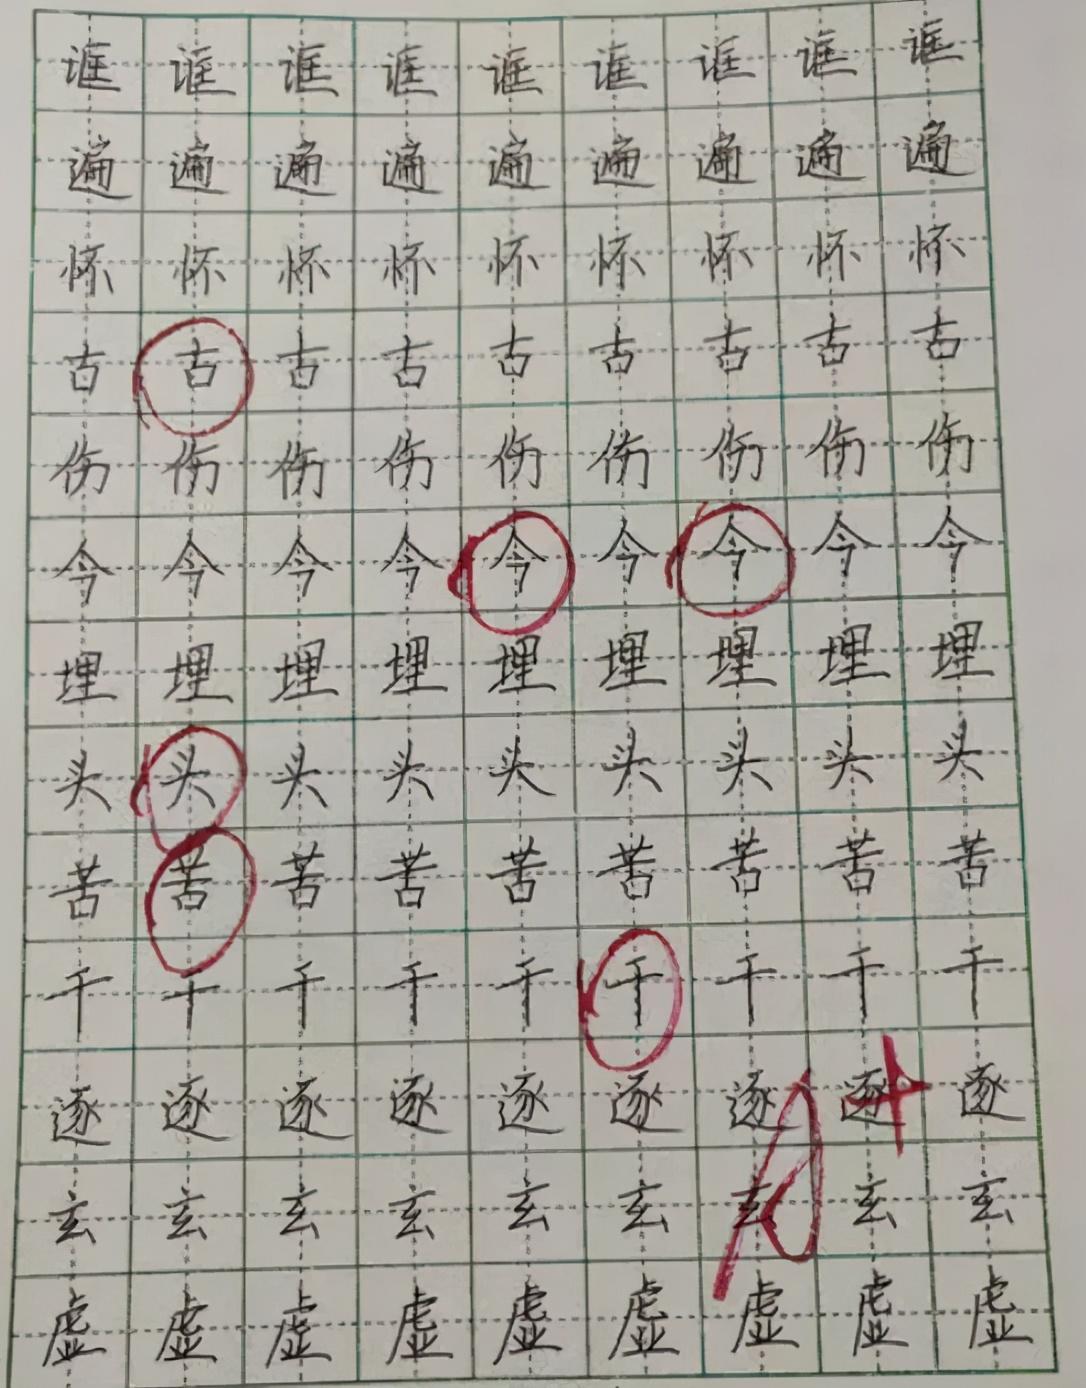 暑假21天练字计划,让孩子迅速提高写字水平